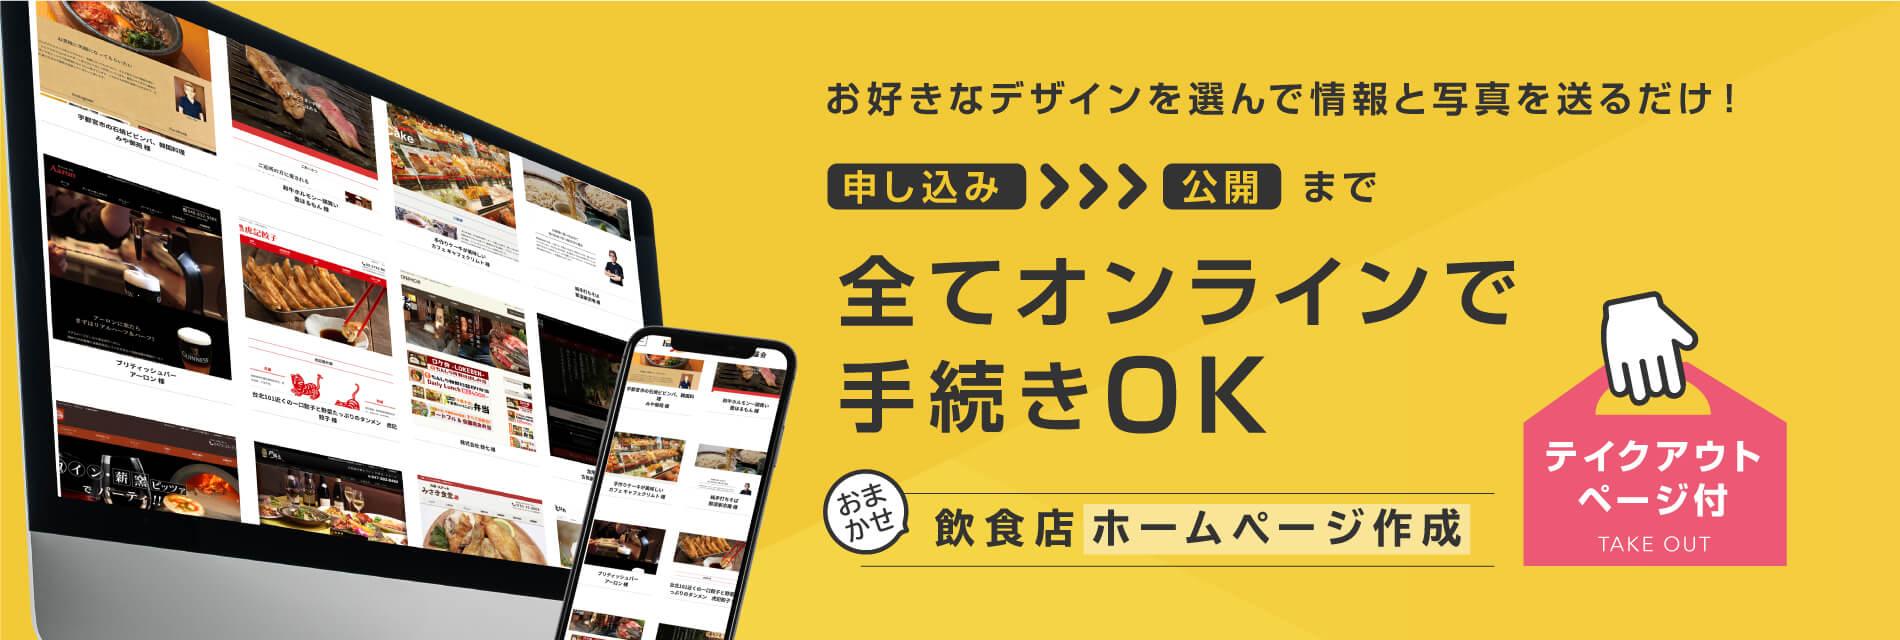 申し込み〜公開まで 全てオンラインで手続きOK